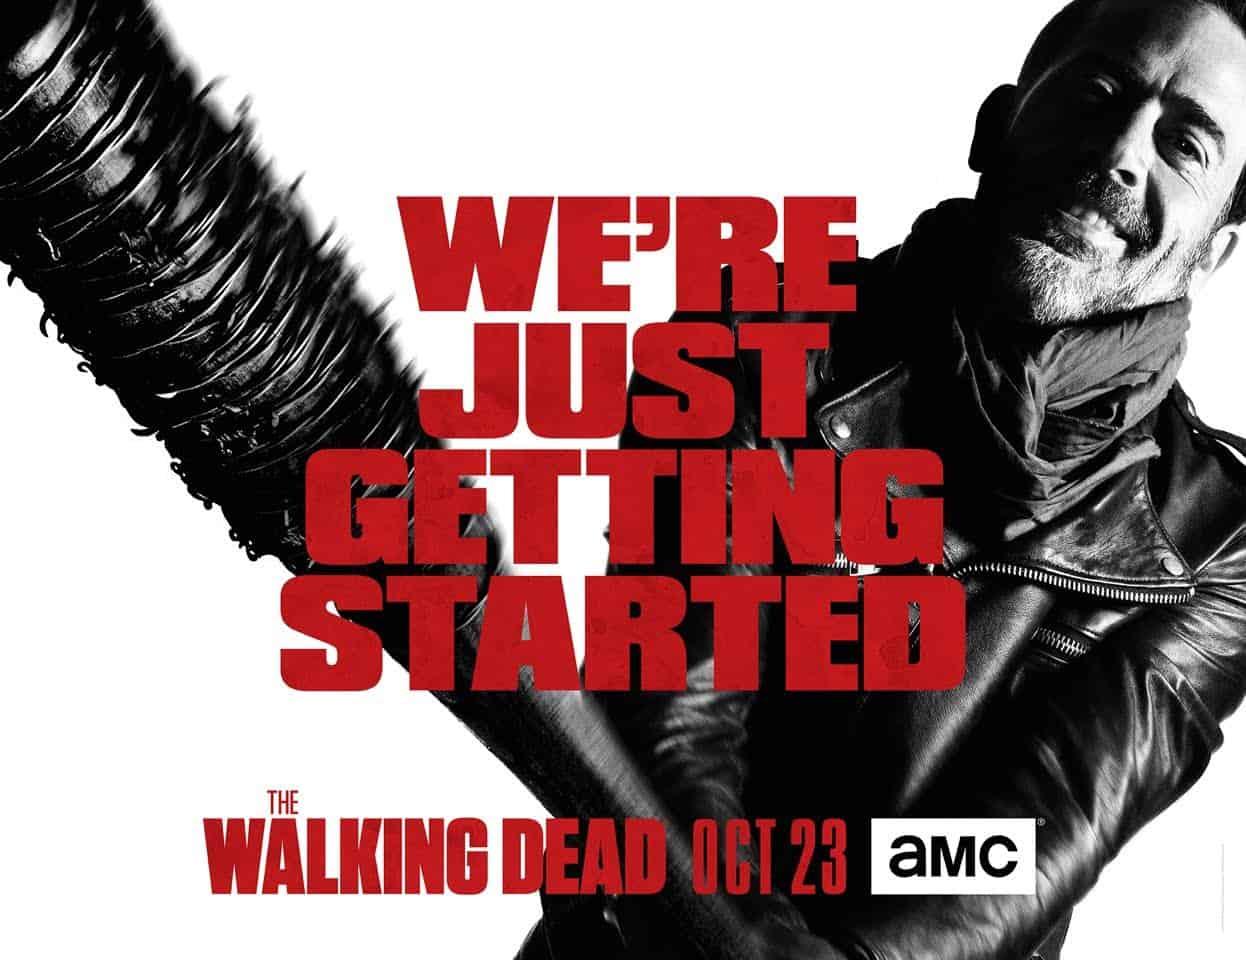 The Walking Dead, Negan